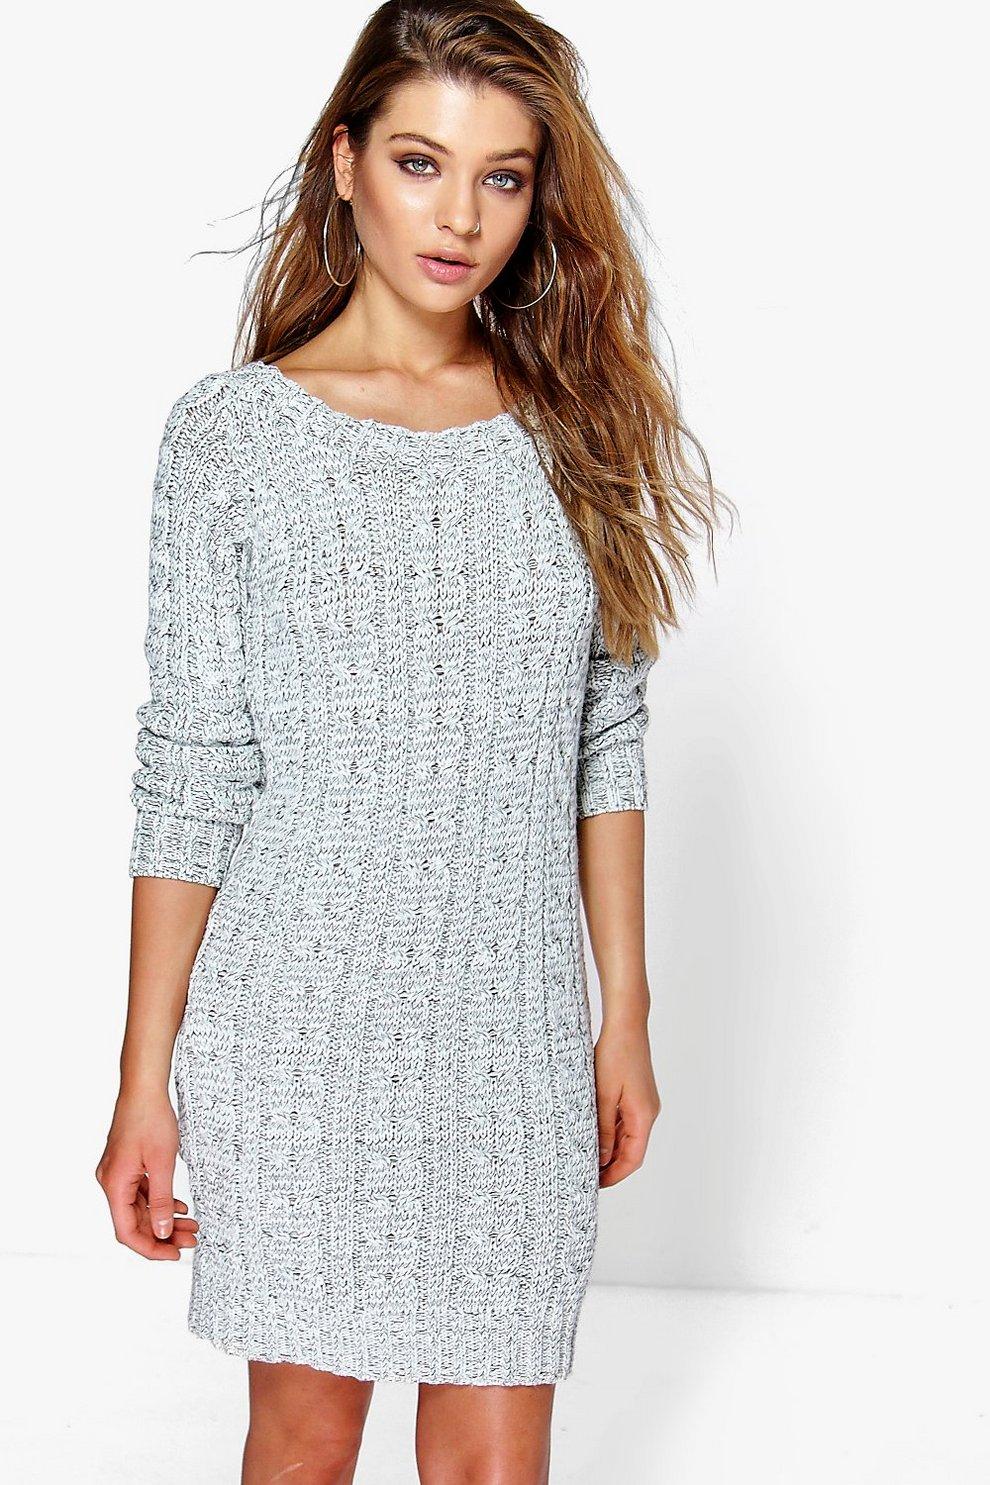 Robe mini en tricot torsadé   Boohoo 350ee8f41d4a